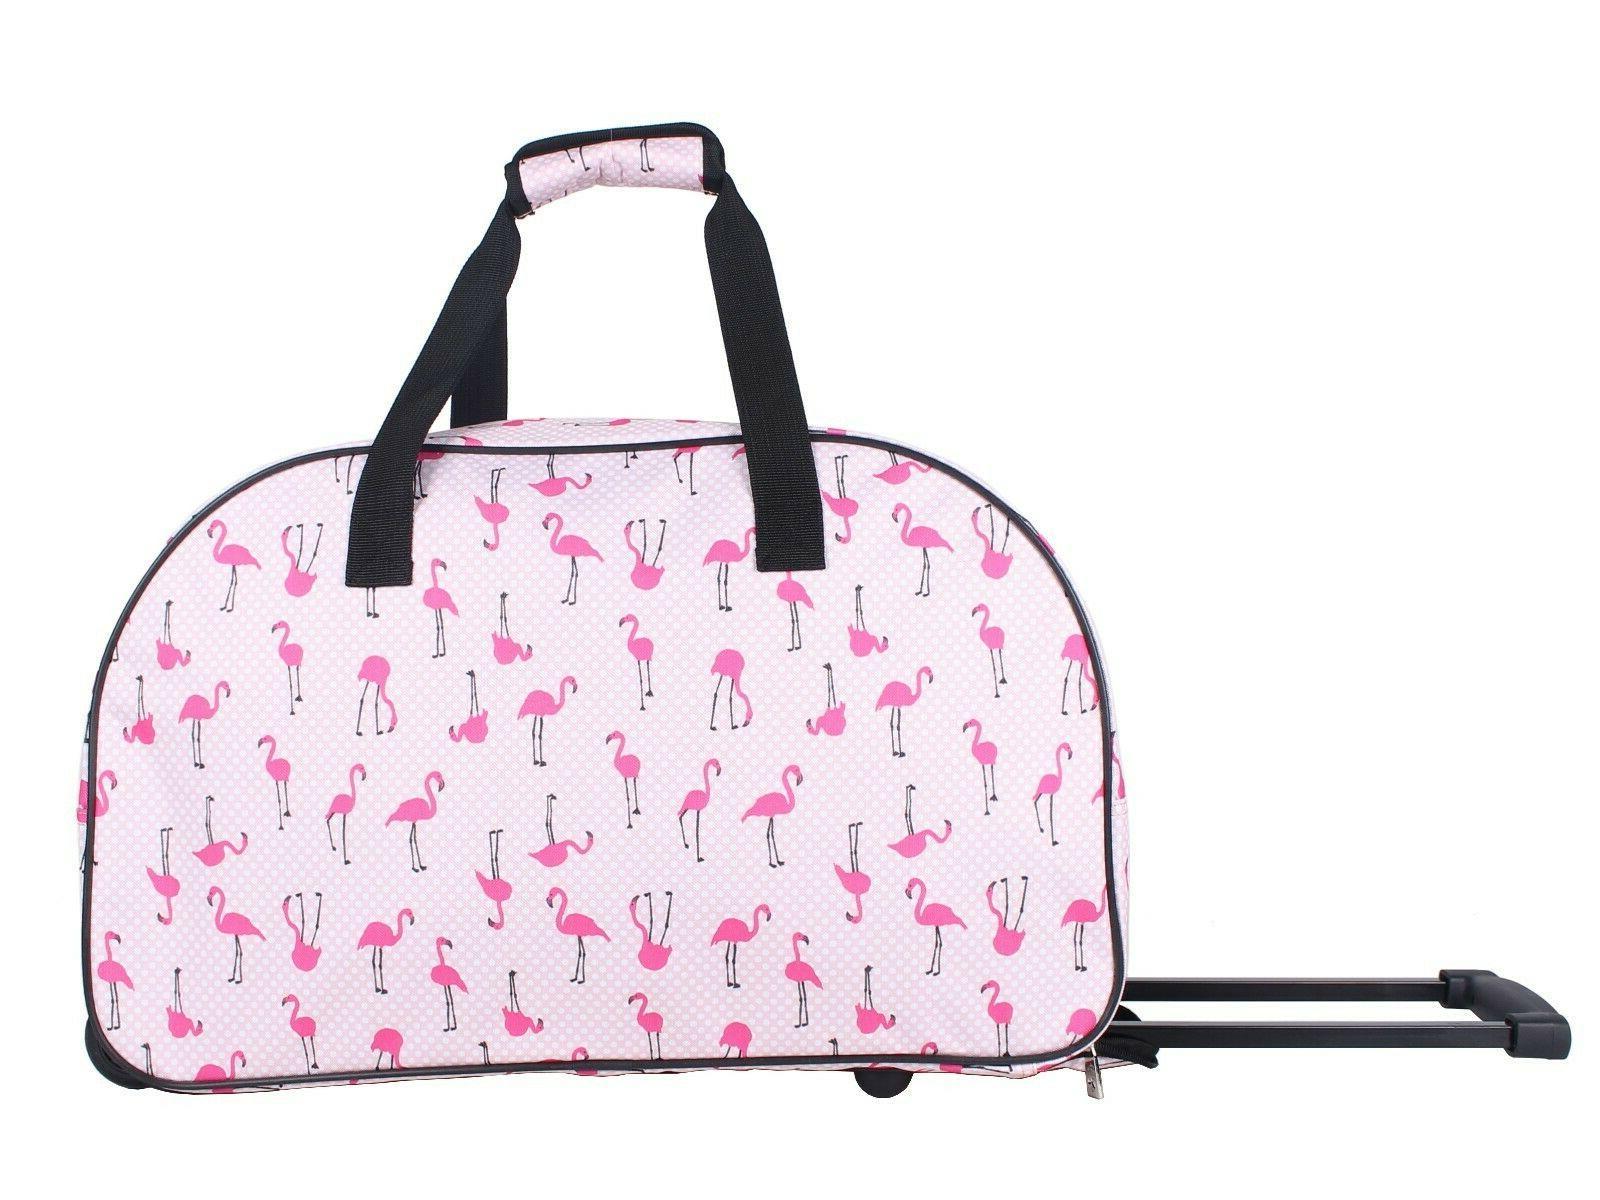 Betsey 22 Designer Carry - Satchel Wheeled Bag